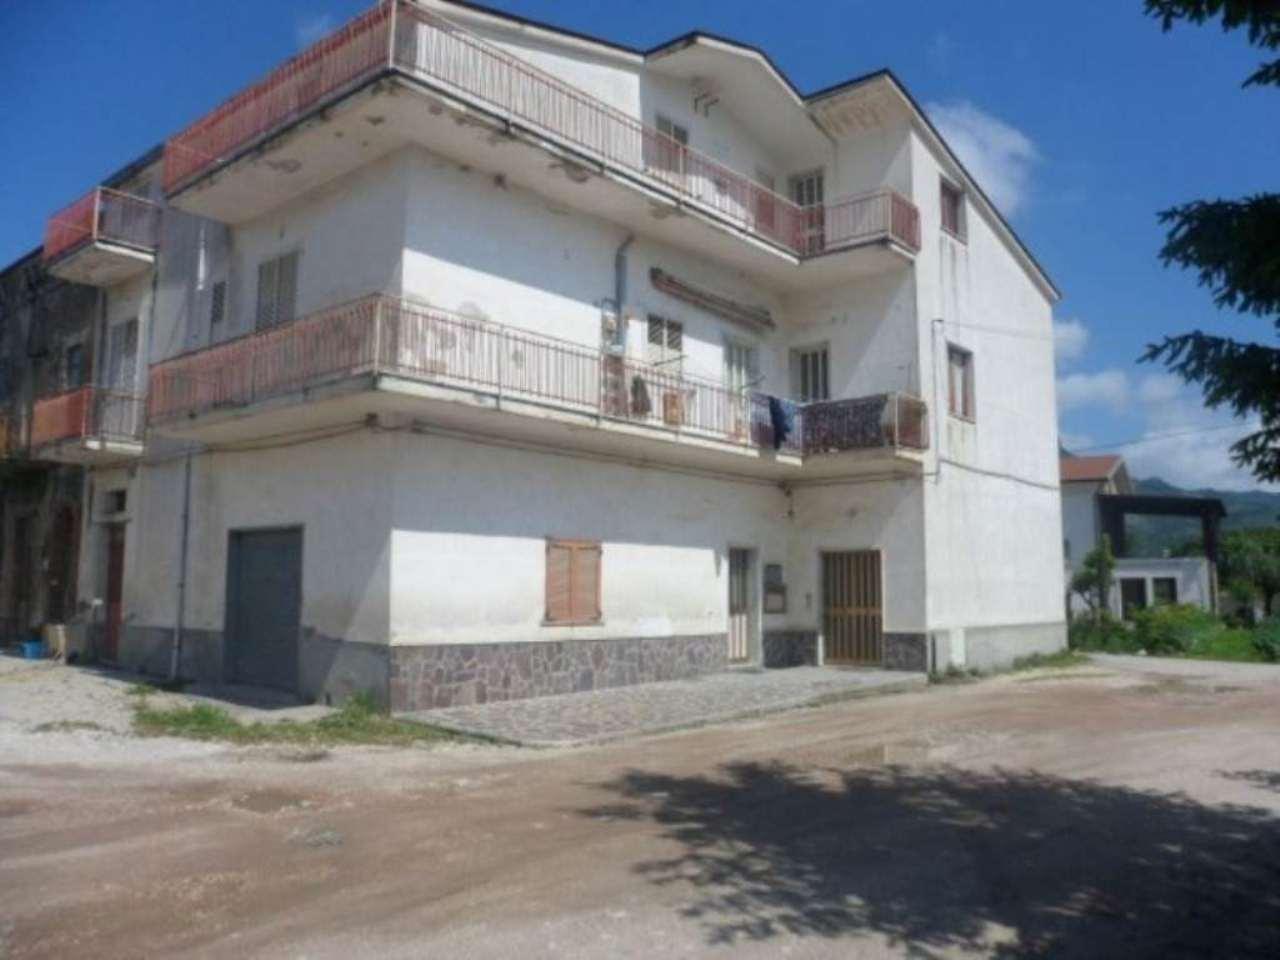 Soluzione Indipendente in vendita a Montesarchio, 6 locali, prezzo € 250.000 | Cambio Casa.it